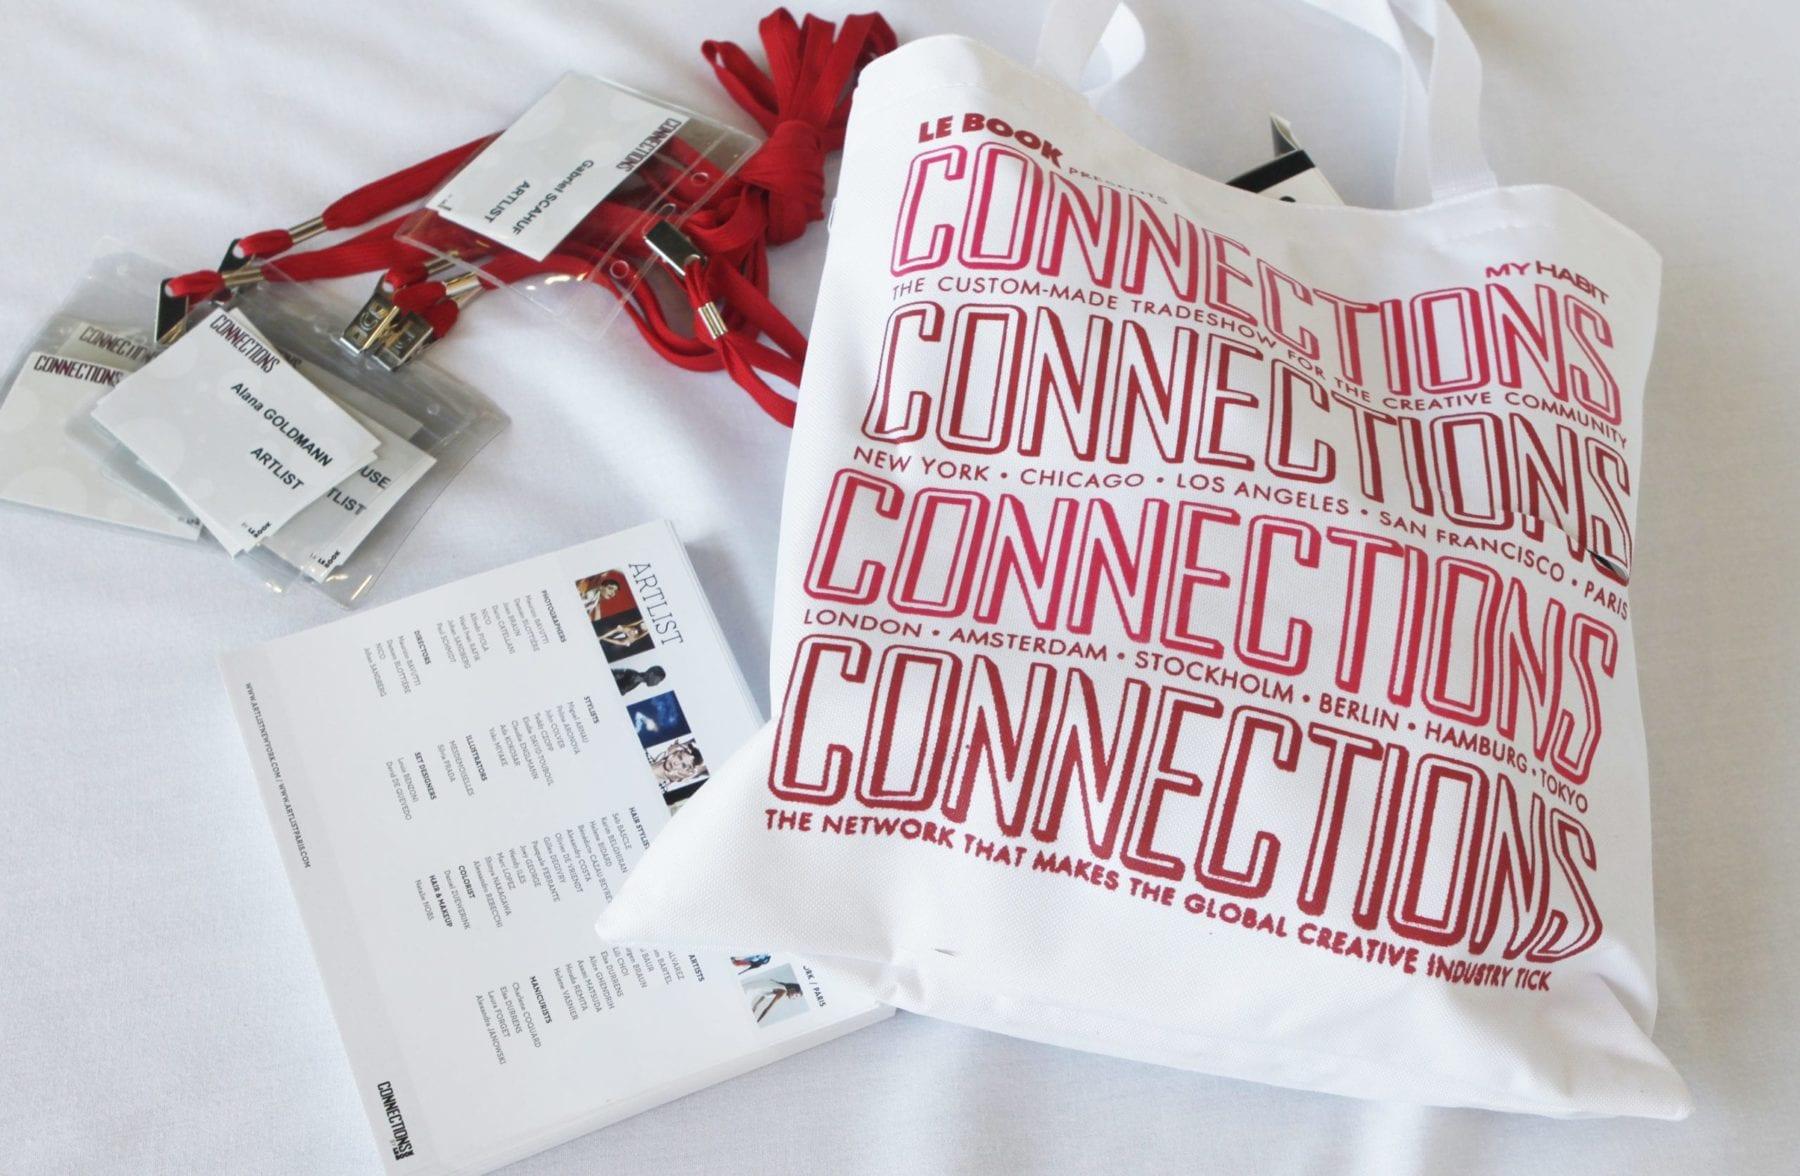 LE_CONNECTION_BAGS + STUFF